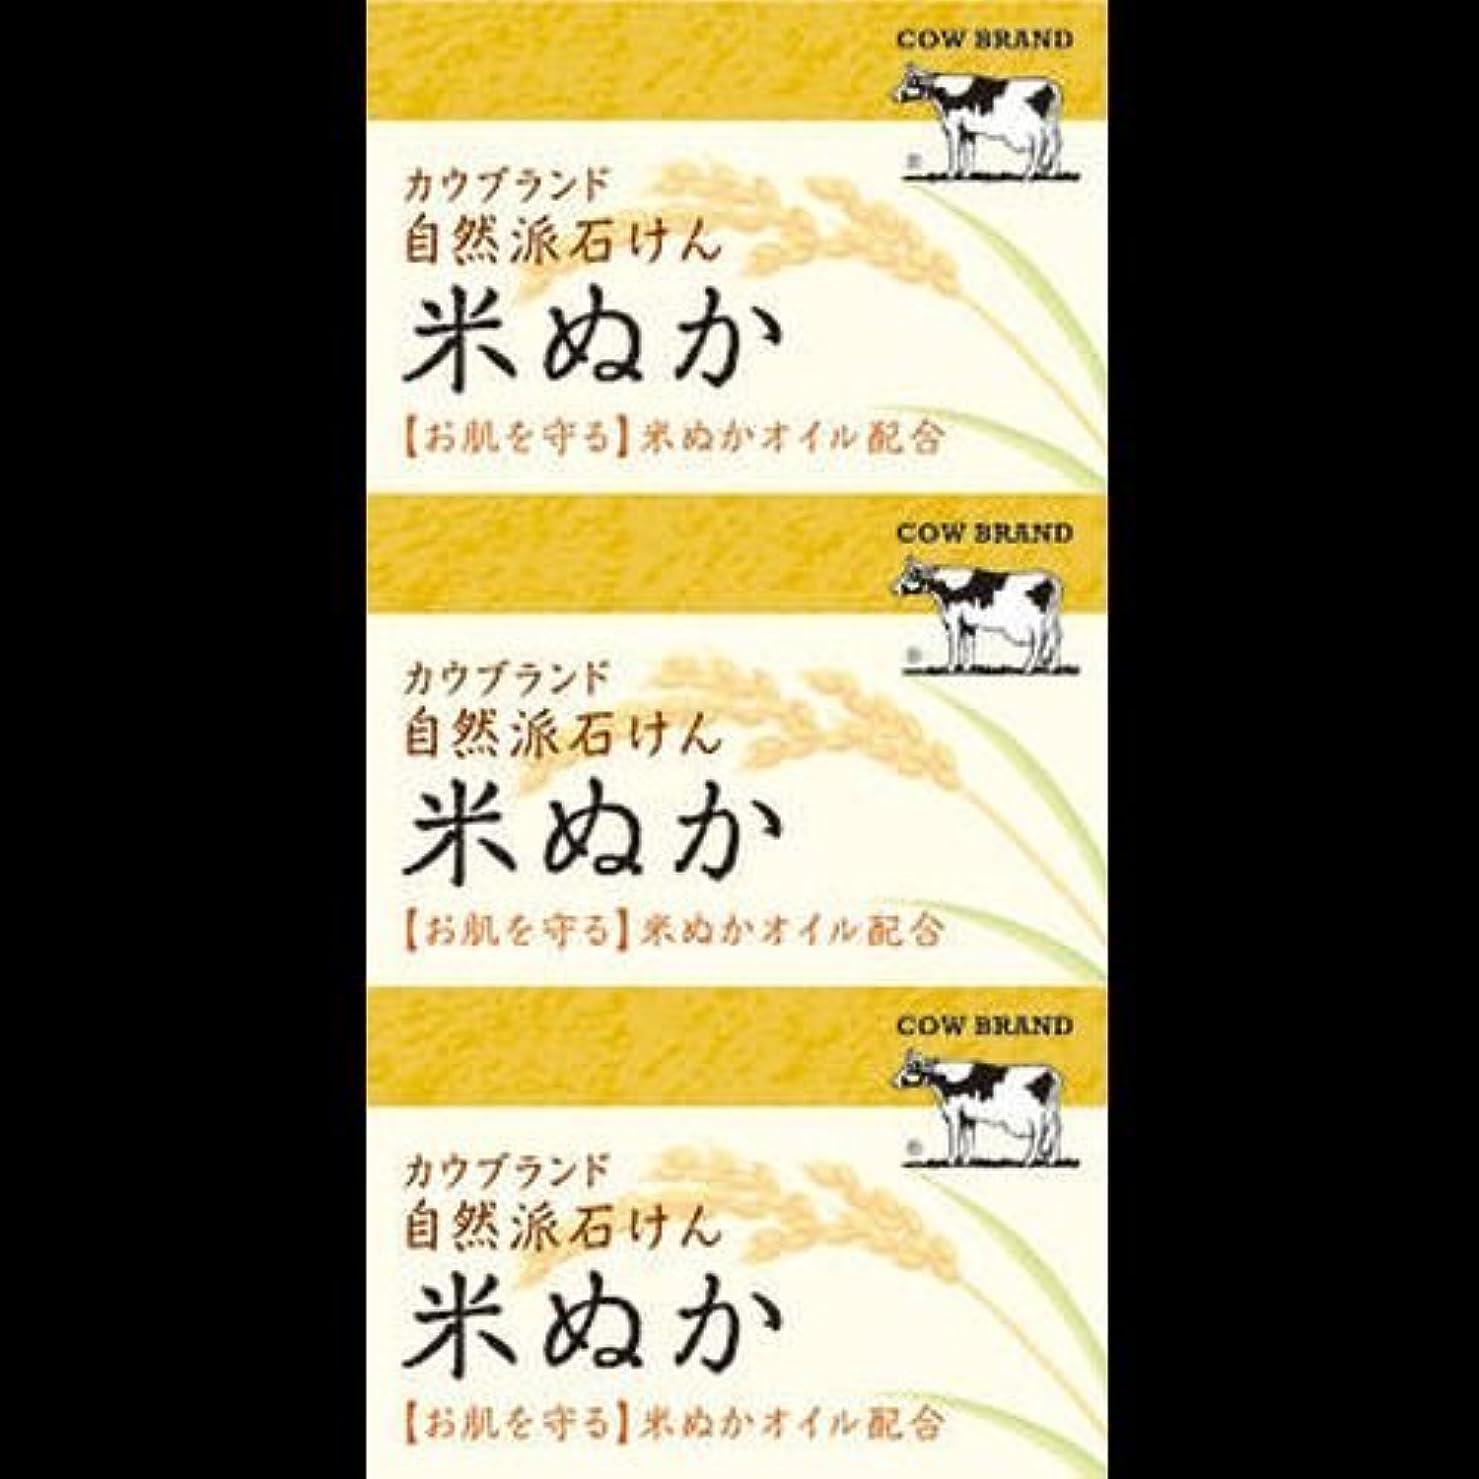 放射能ローブオートマトン【まとめ買い】カウブランド 自然派石けん 米ぬか 100g*3個 ×2セット